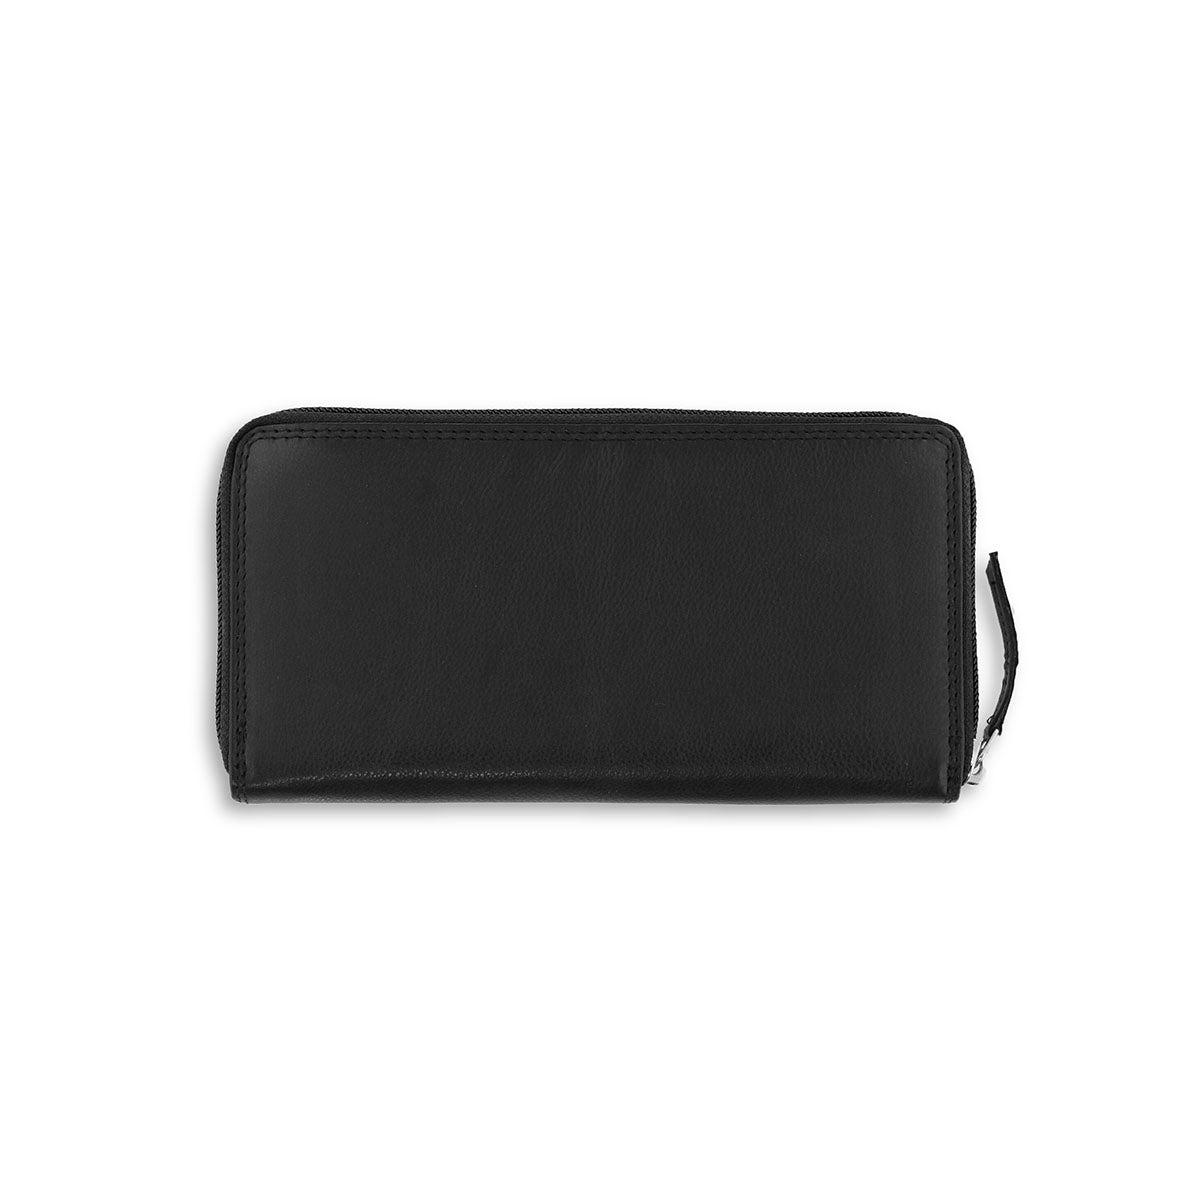 Lds black leather RFID zip around wallet